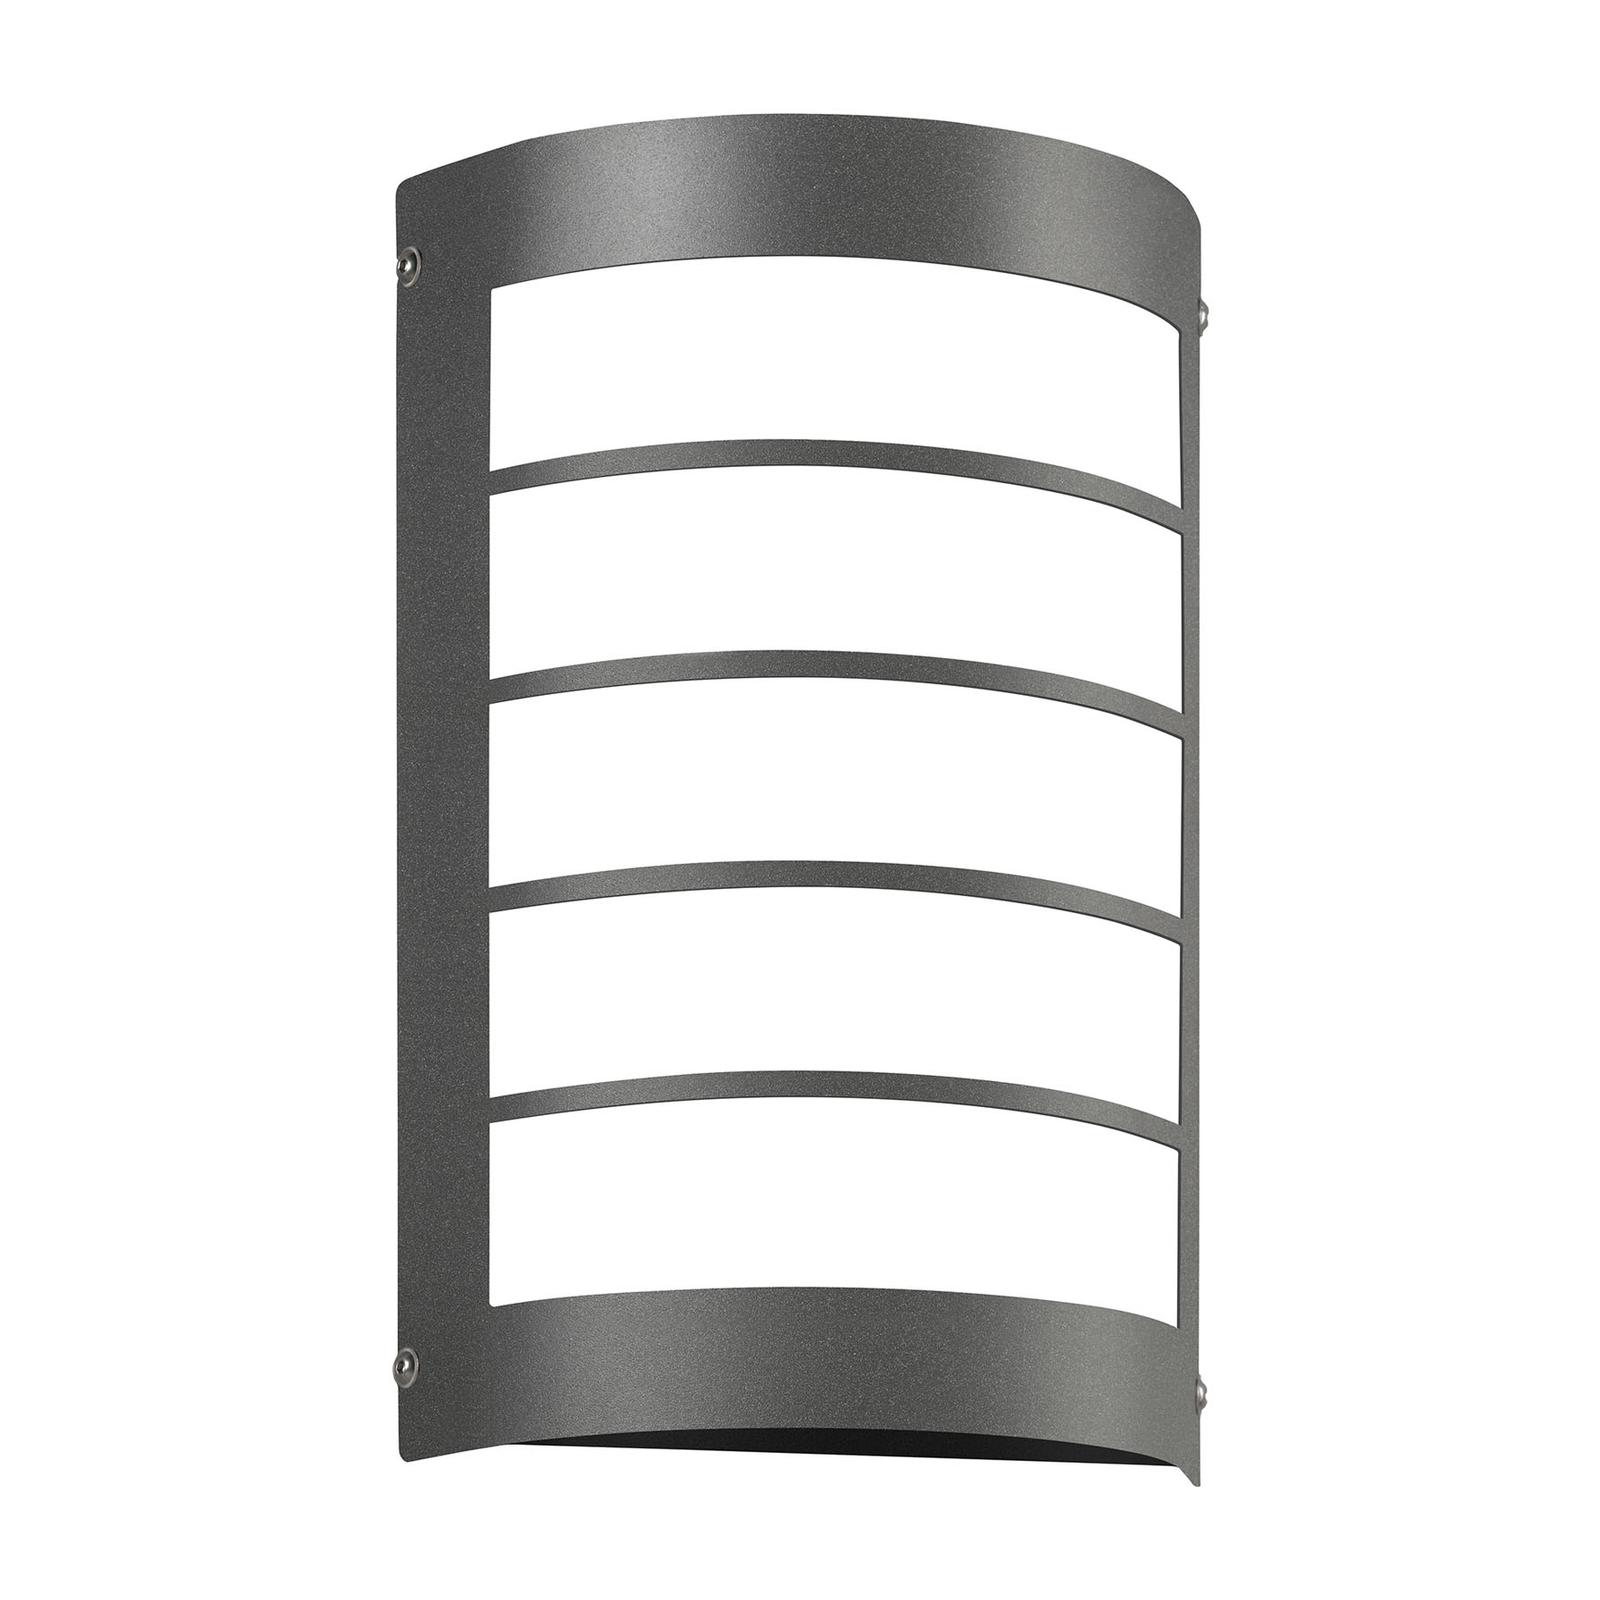 Lampe LED à capteur Aqua Marco grille, anthracite